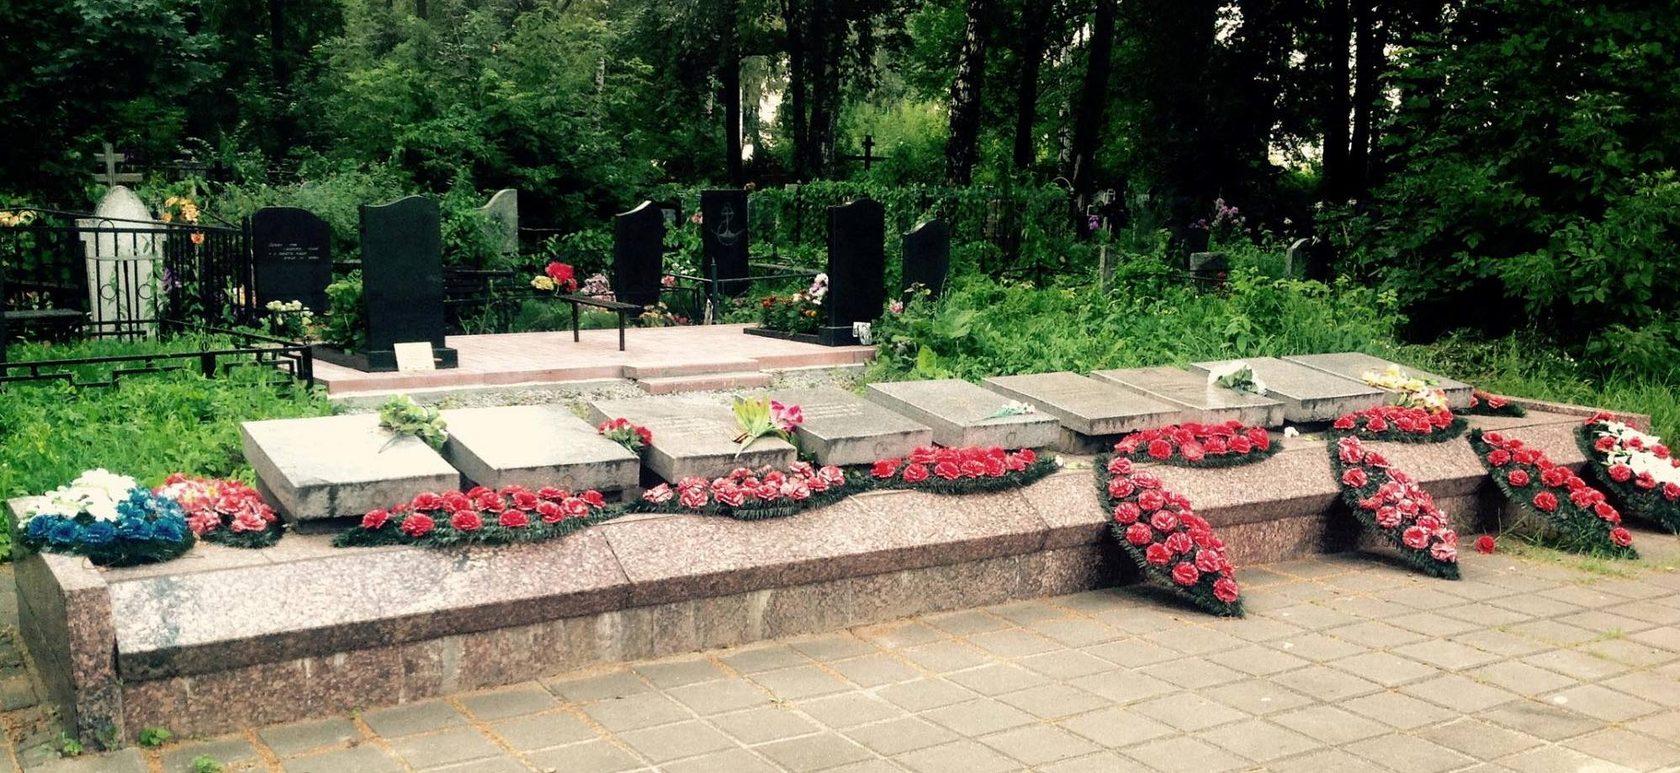 Место перезахоронения Сергея Степановича Пичугина - БРАТСКОЕ ЗАХОРОНЕНИЕ ВОЕННОСЛУЖАЩИХ, УМЕРШИХ В ГОСПИТАЛЯХ, В ПЕРИОД ВЕЛИКОЙ ОТЕЧЕСТВЕННОЙ ВОЙНЫ 1941-1945г.